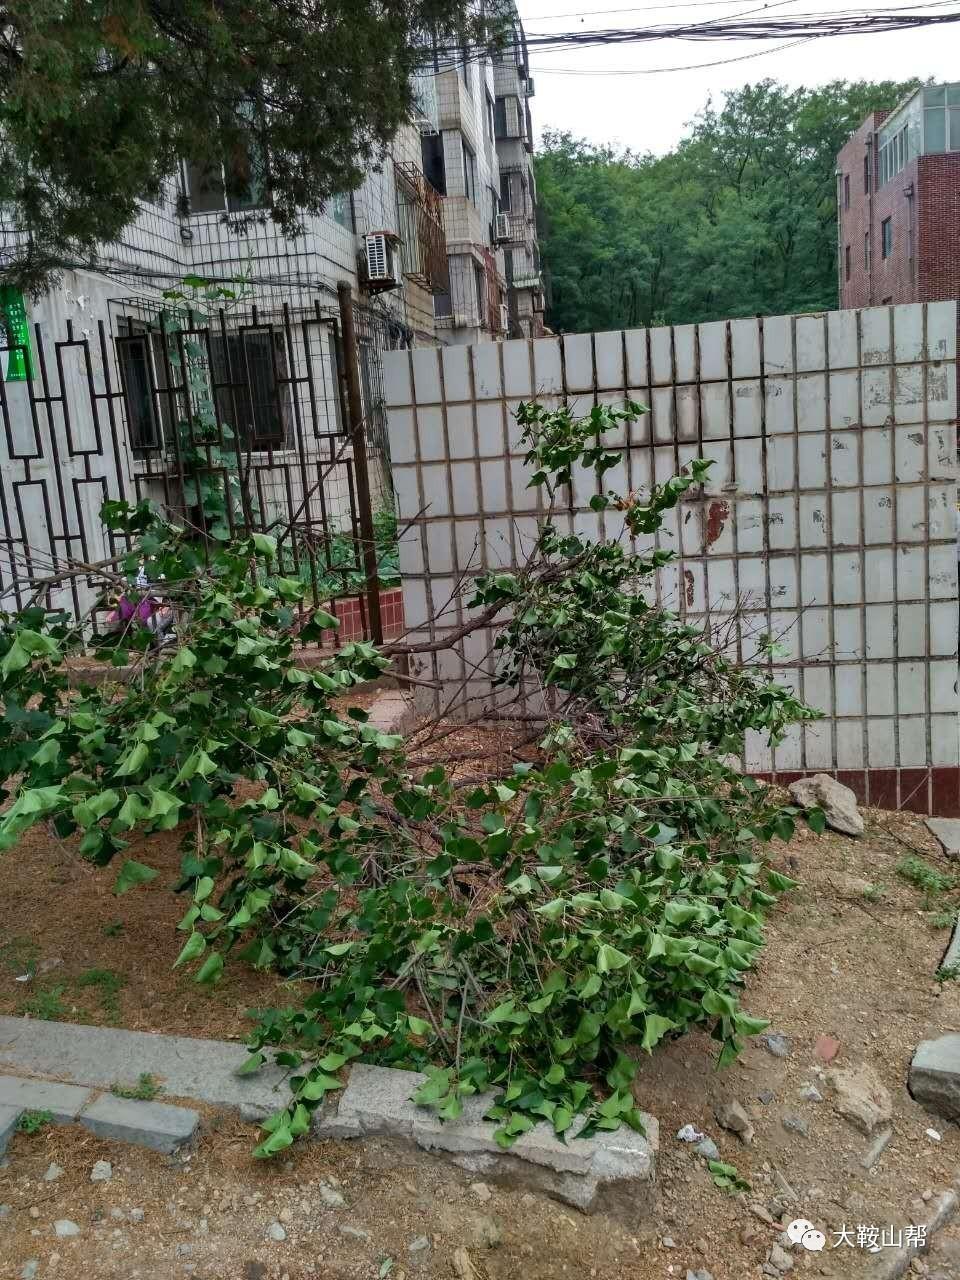 可就在14日,硬被当地社区工作人员砍伐掉了,理由是:丁香树容易砸着人.茶花与含笑的区别图片